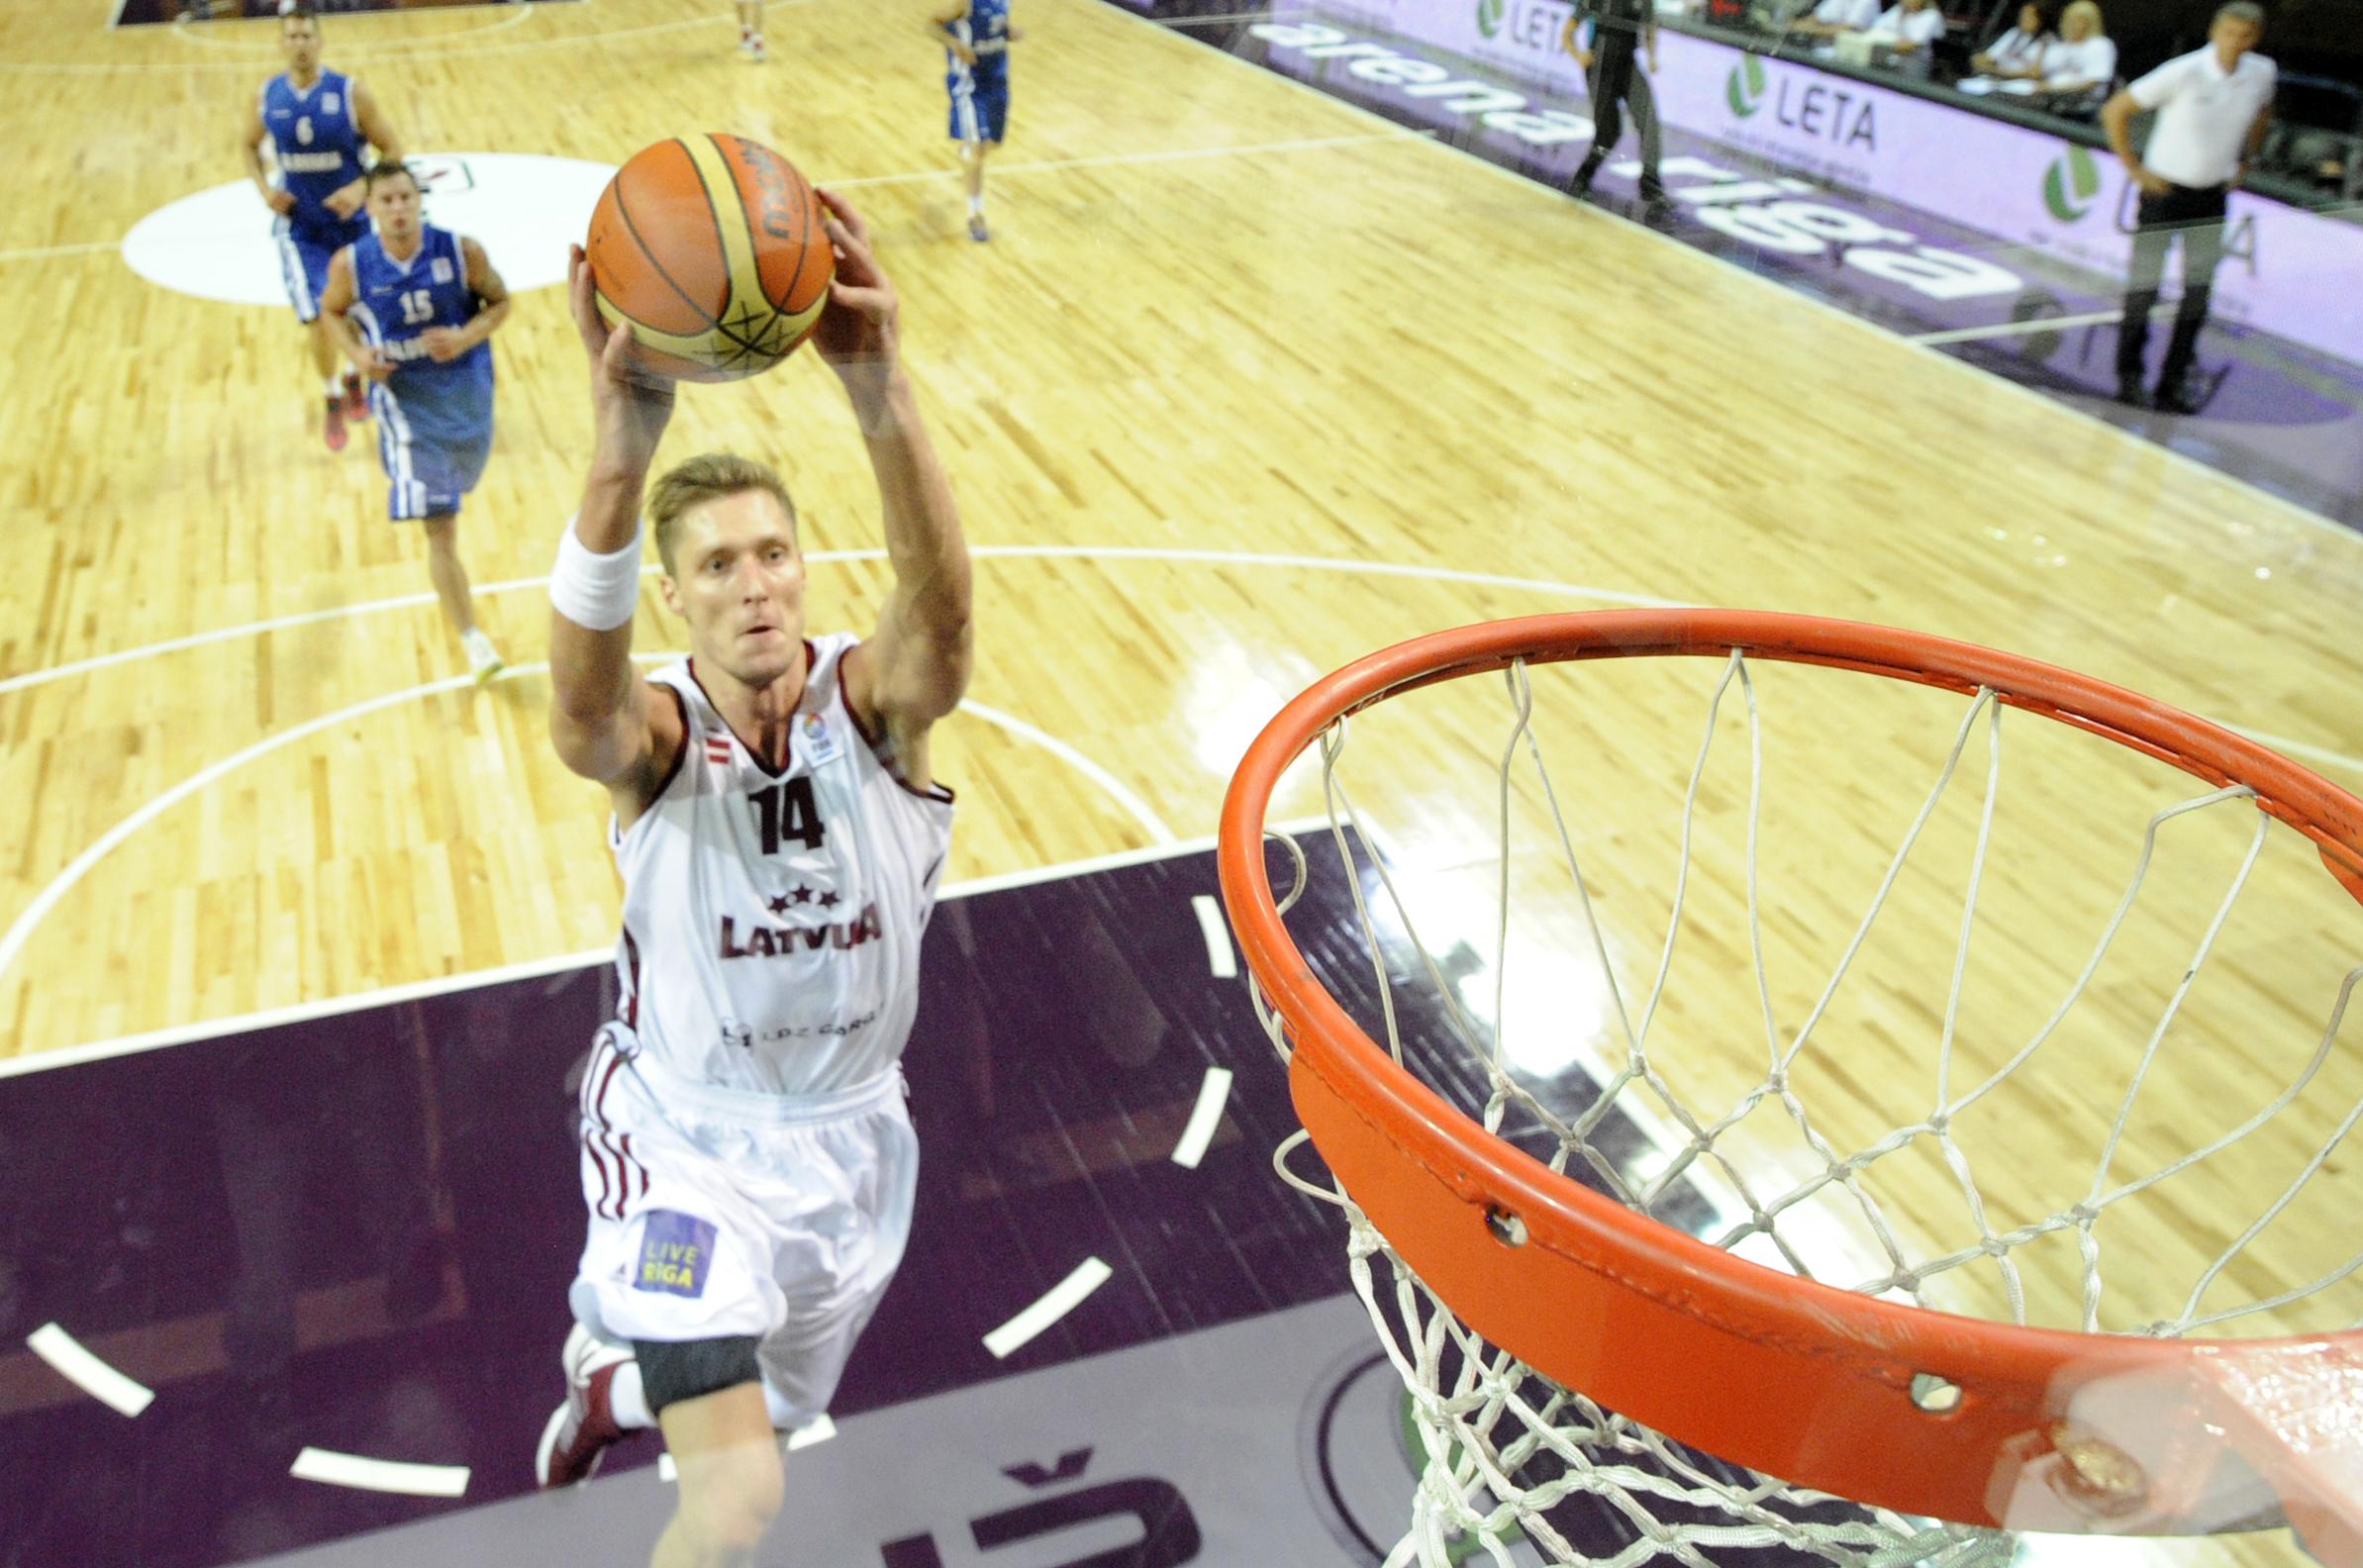 Foto: FIBA Europe - Romans-Koksarovs